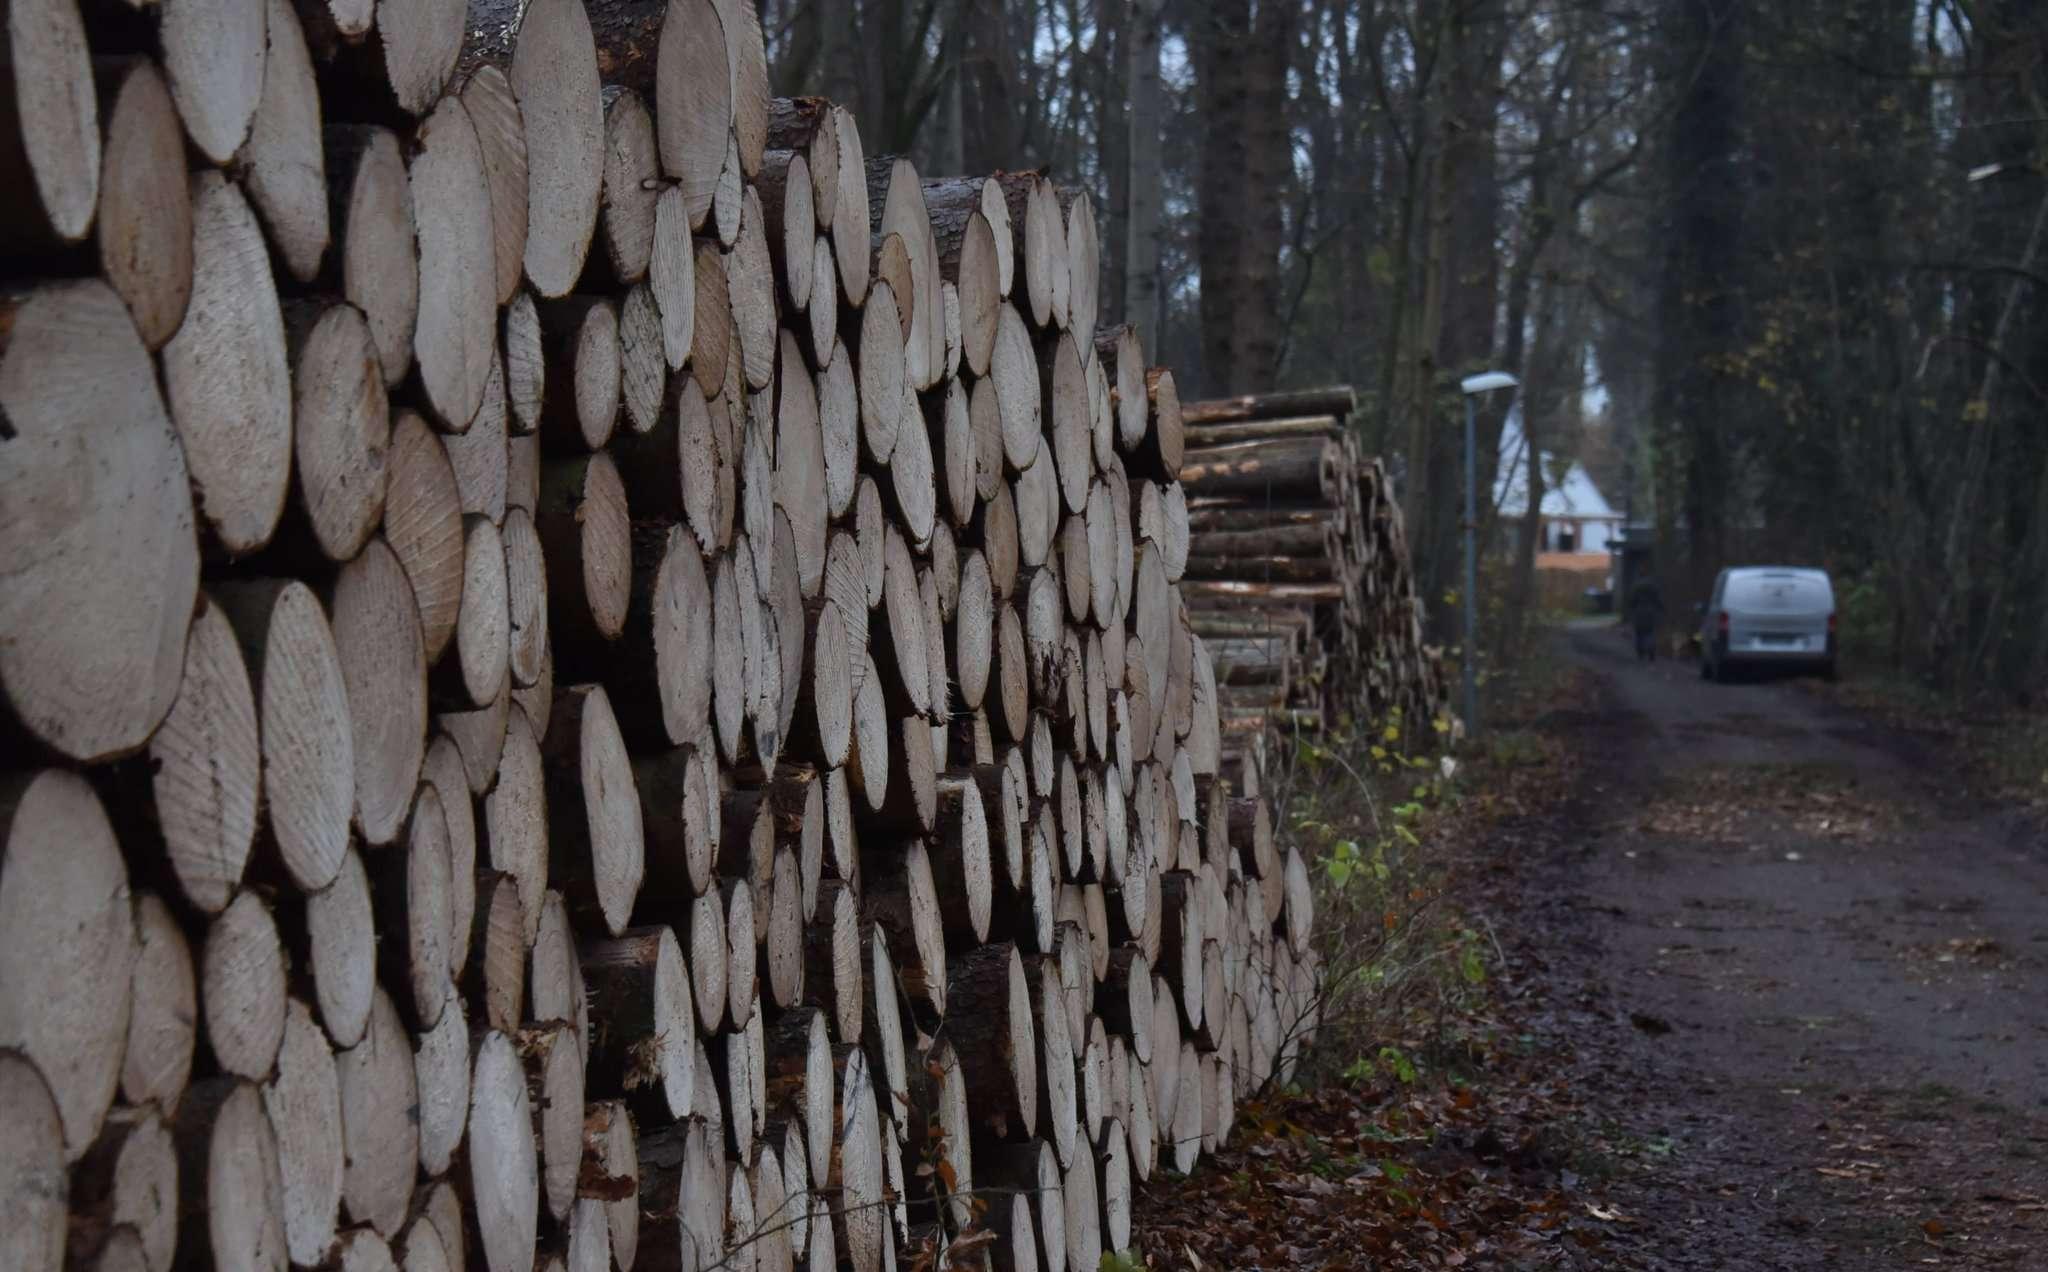 Als Spaziergänger im Dezember den Weg am Gemeindewald in Stuckenborstel nutzten, staunten sie angesichts des Kahlschlags und gestapelter Stämme nicht schlecht. Der Rat hat nun die Wiederaufforstung beschlossen.